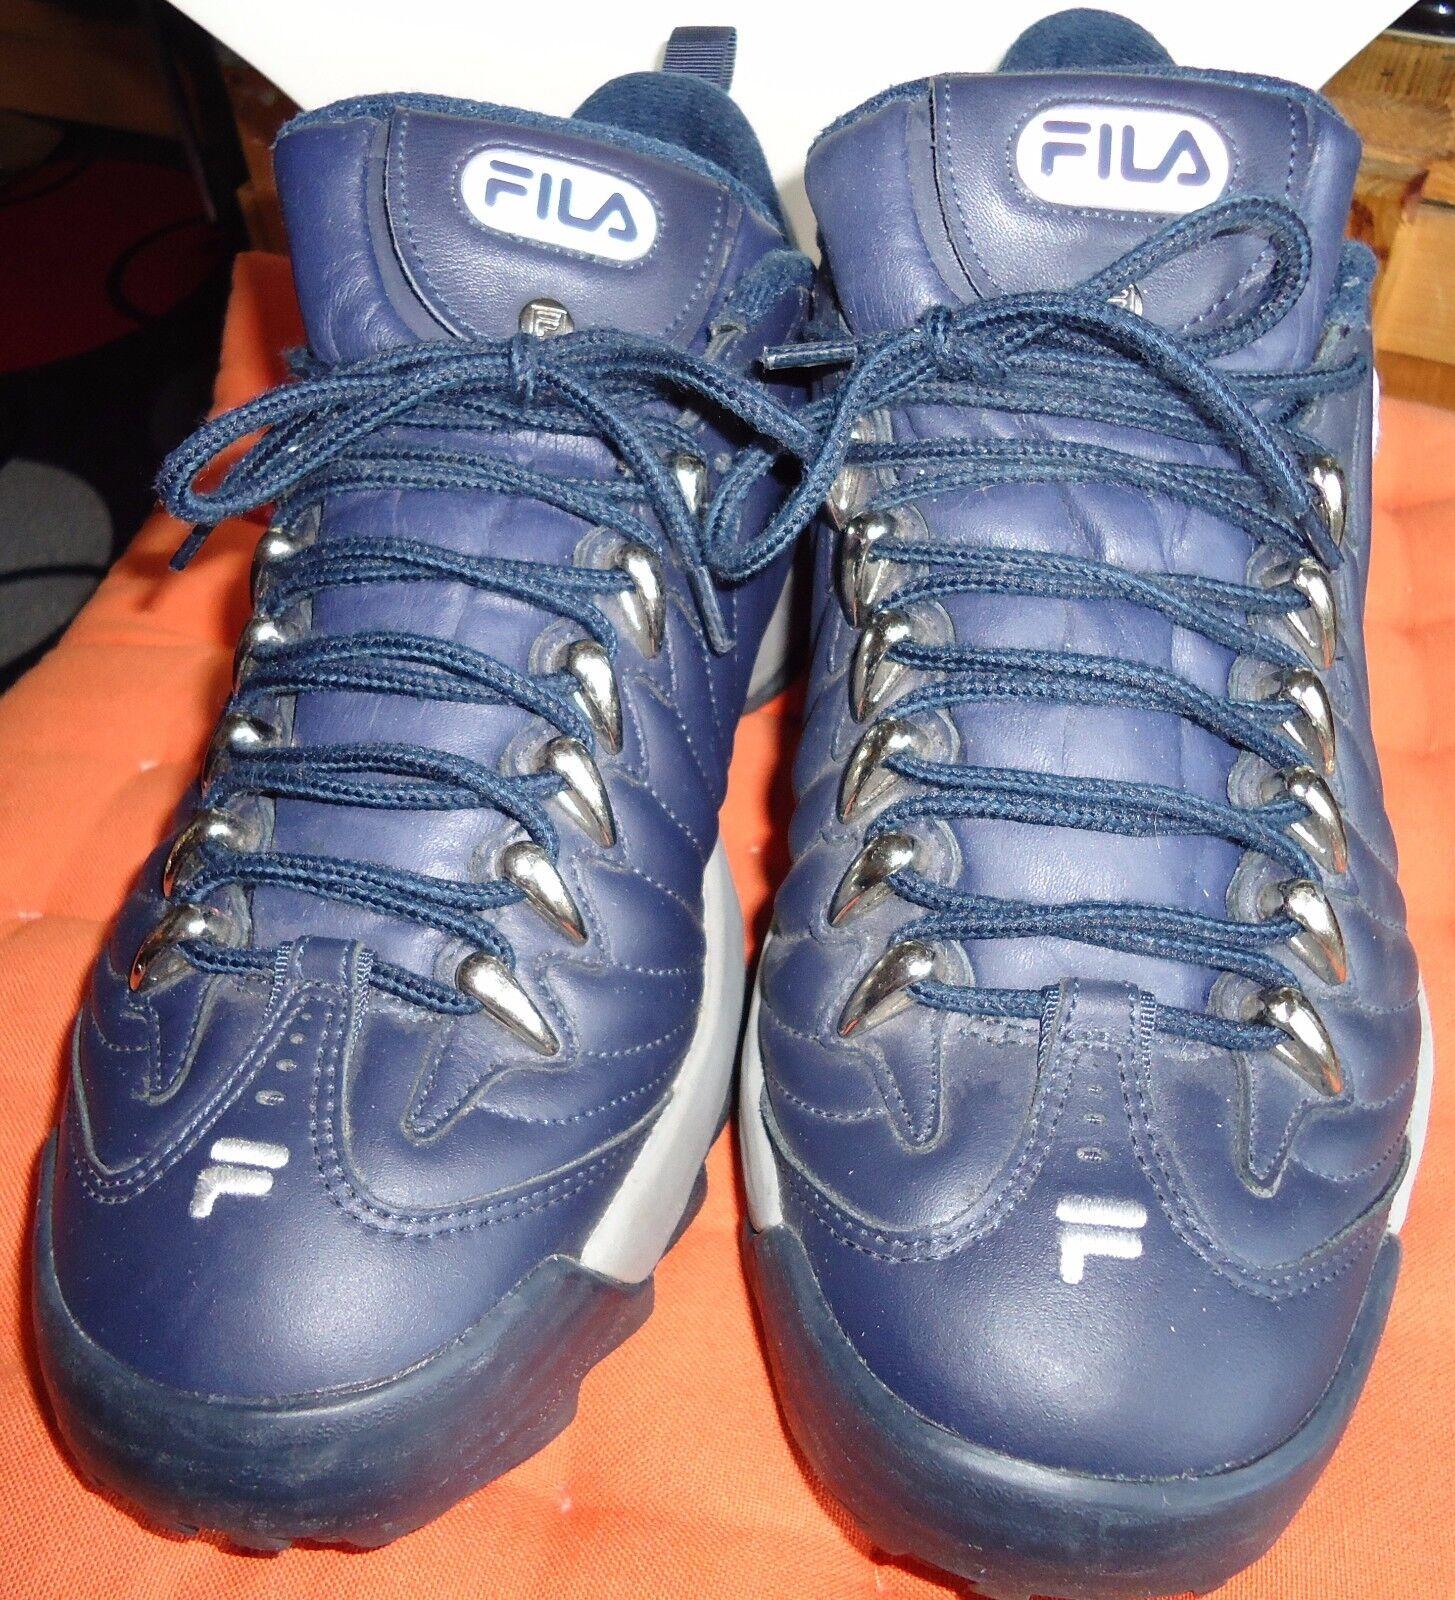 more photos 06c72 a05b5 ... Turnschuhe Fila Fila Fila Disruptor seltenes Model in Gr. 46 blau grau  guter Zustand 1fa447 ...